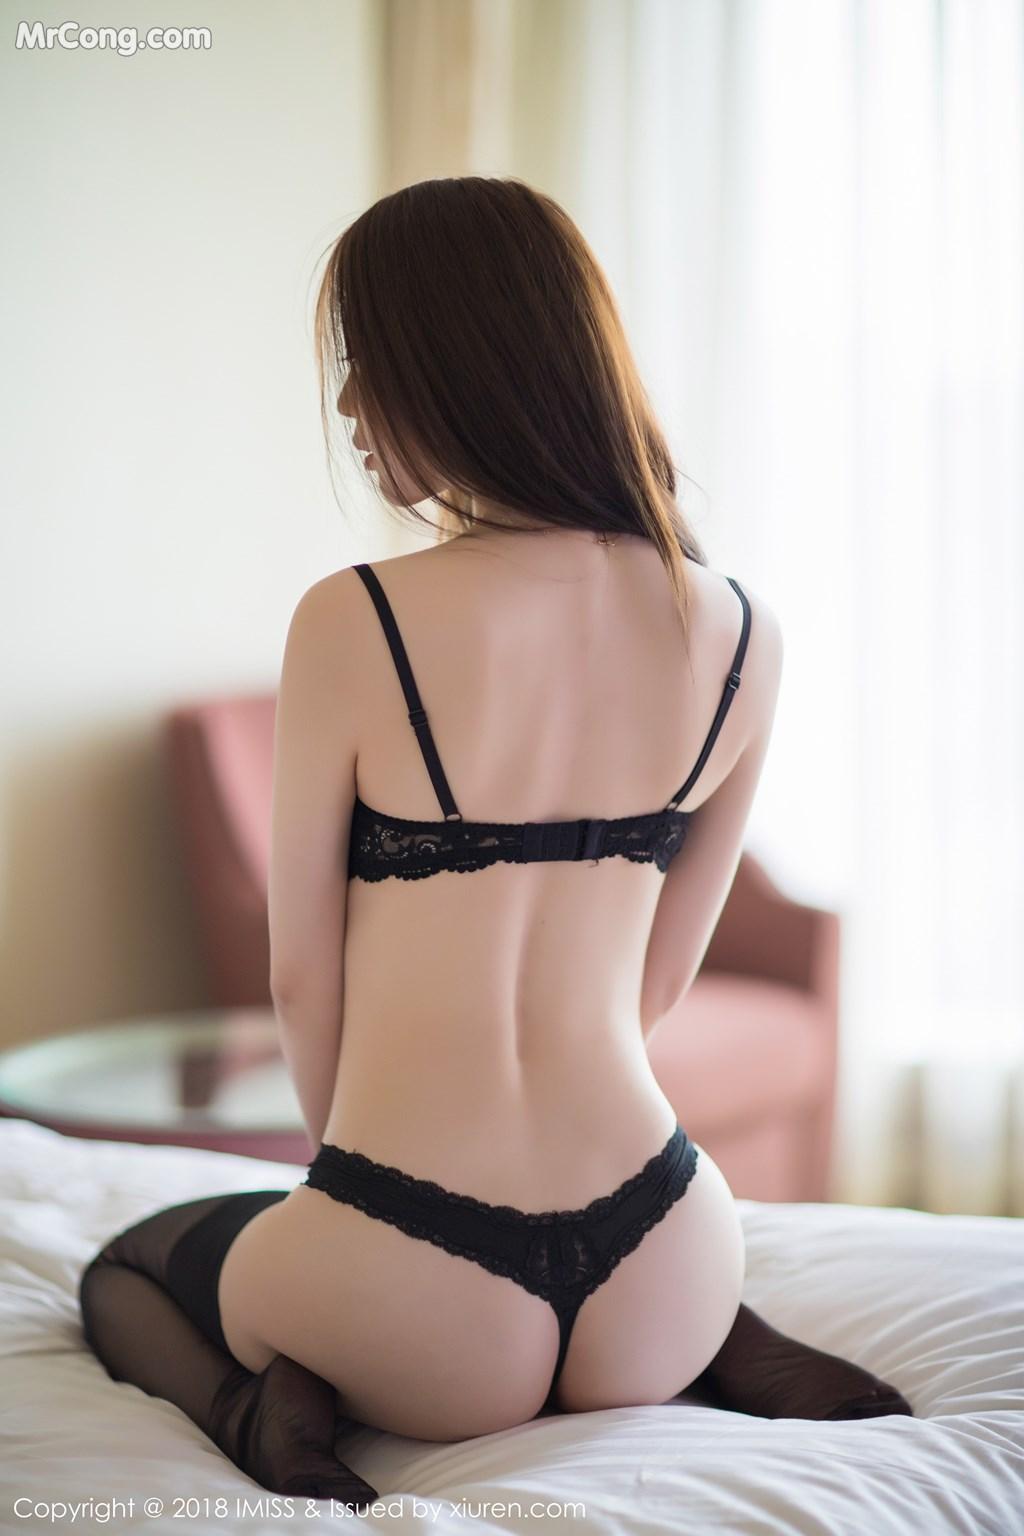 Image IMISS-Vol.234-Meng-Xin-Yue-MrCong.com-002 in post IMISS Vol.234: Người mẫu Meng Xin Yue (梦心月) (60 ảnh)